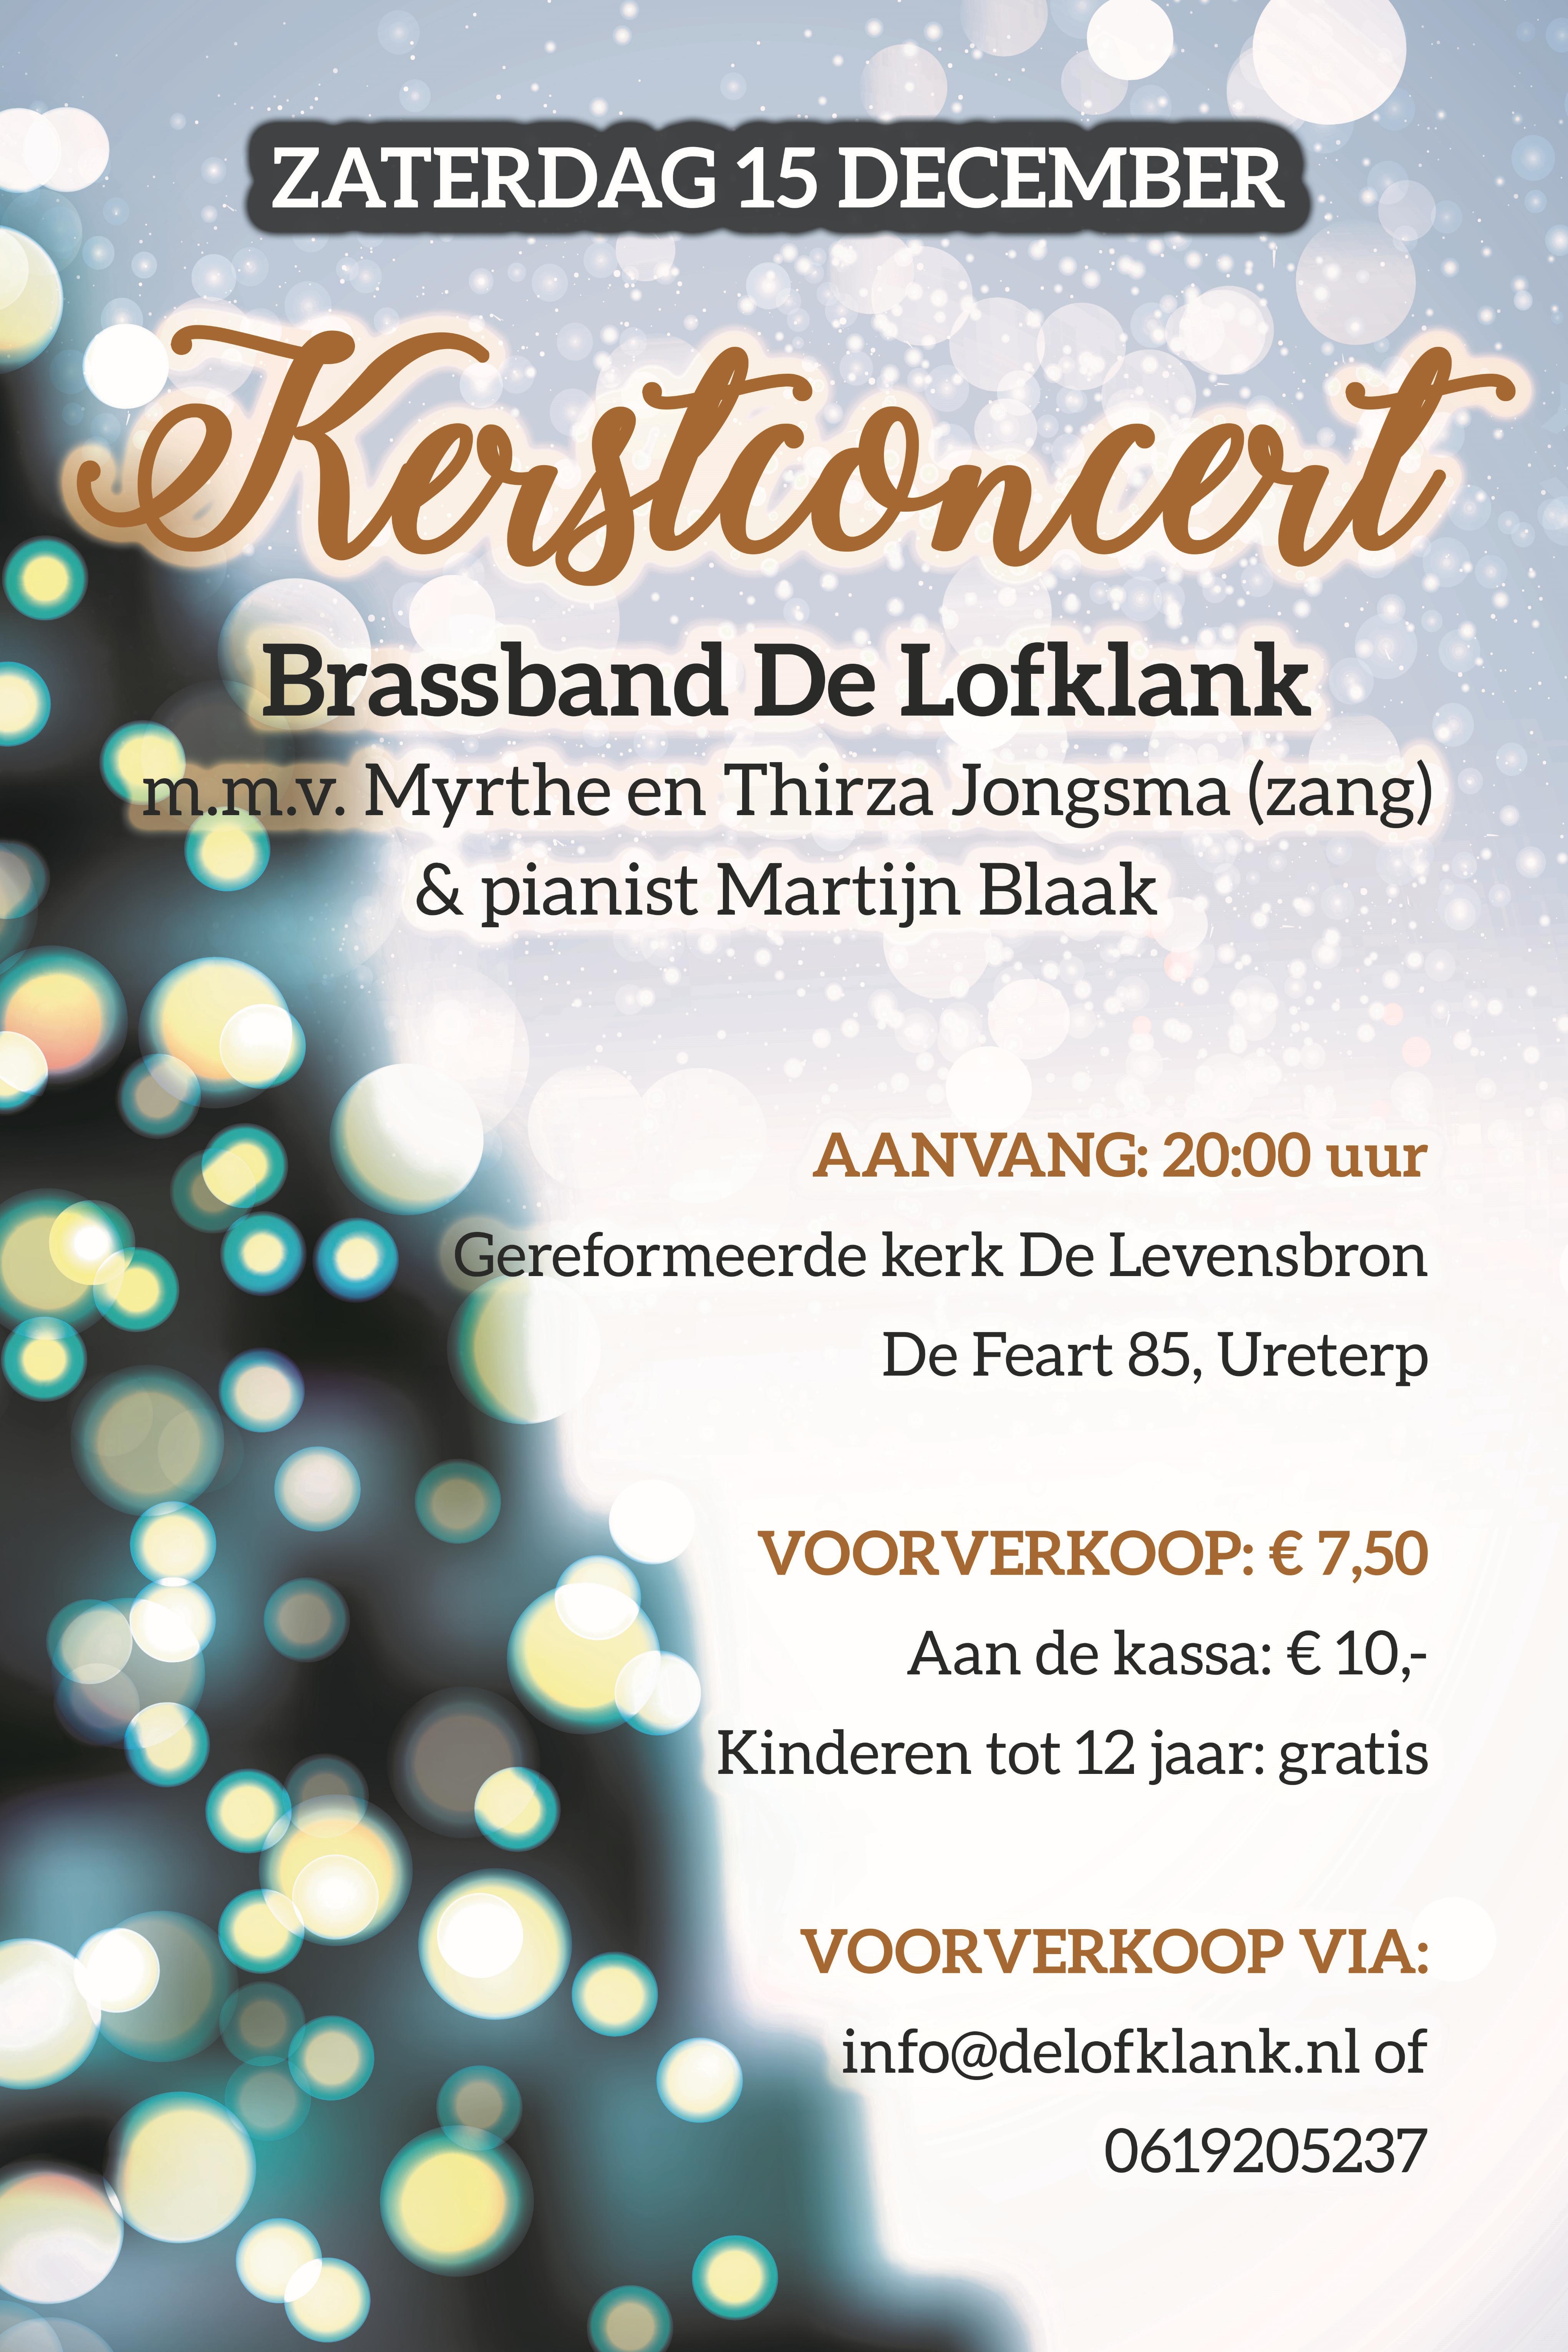 Kerstconcert met pianist Martijn Blaak!